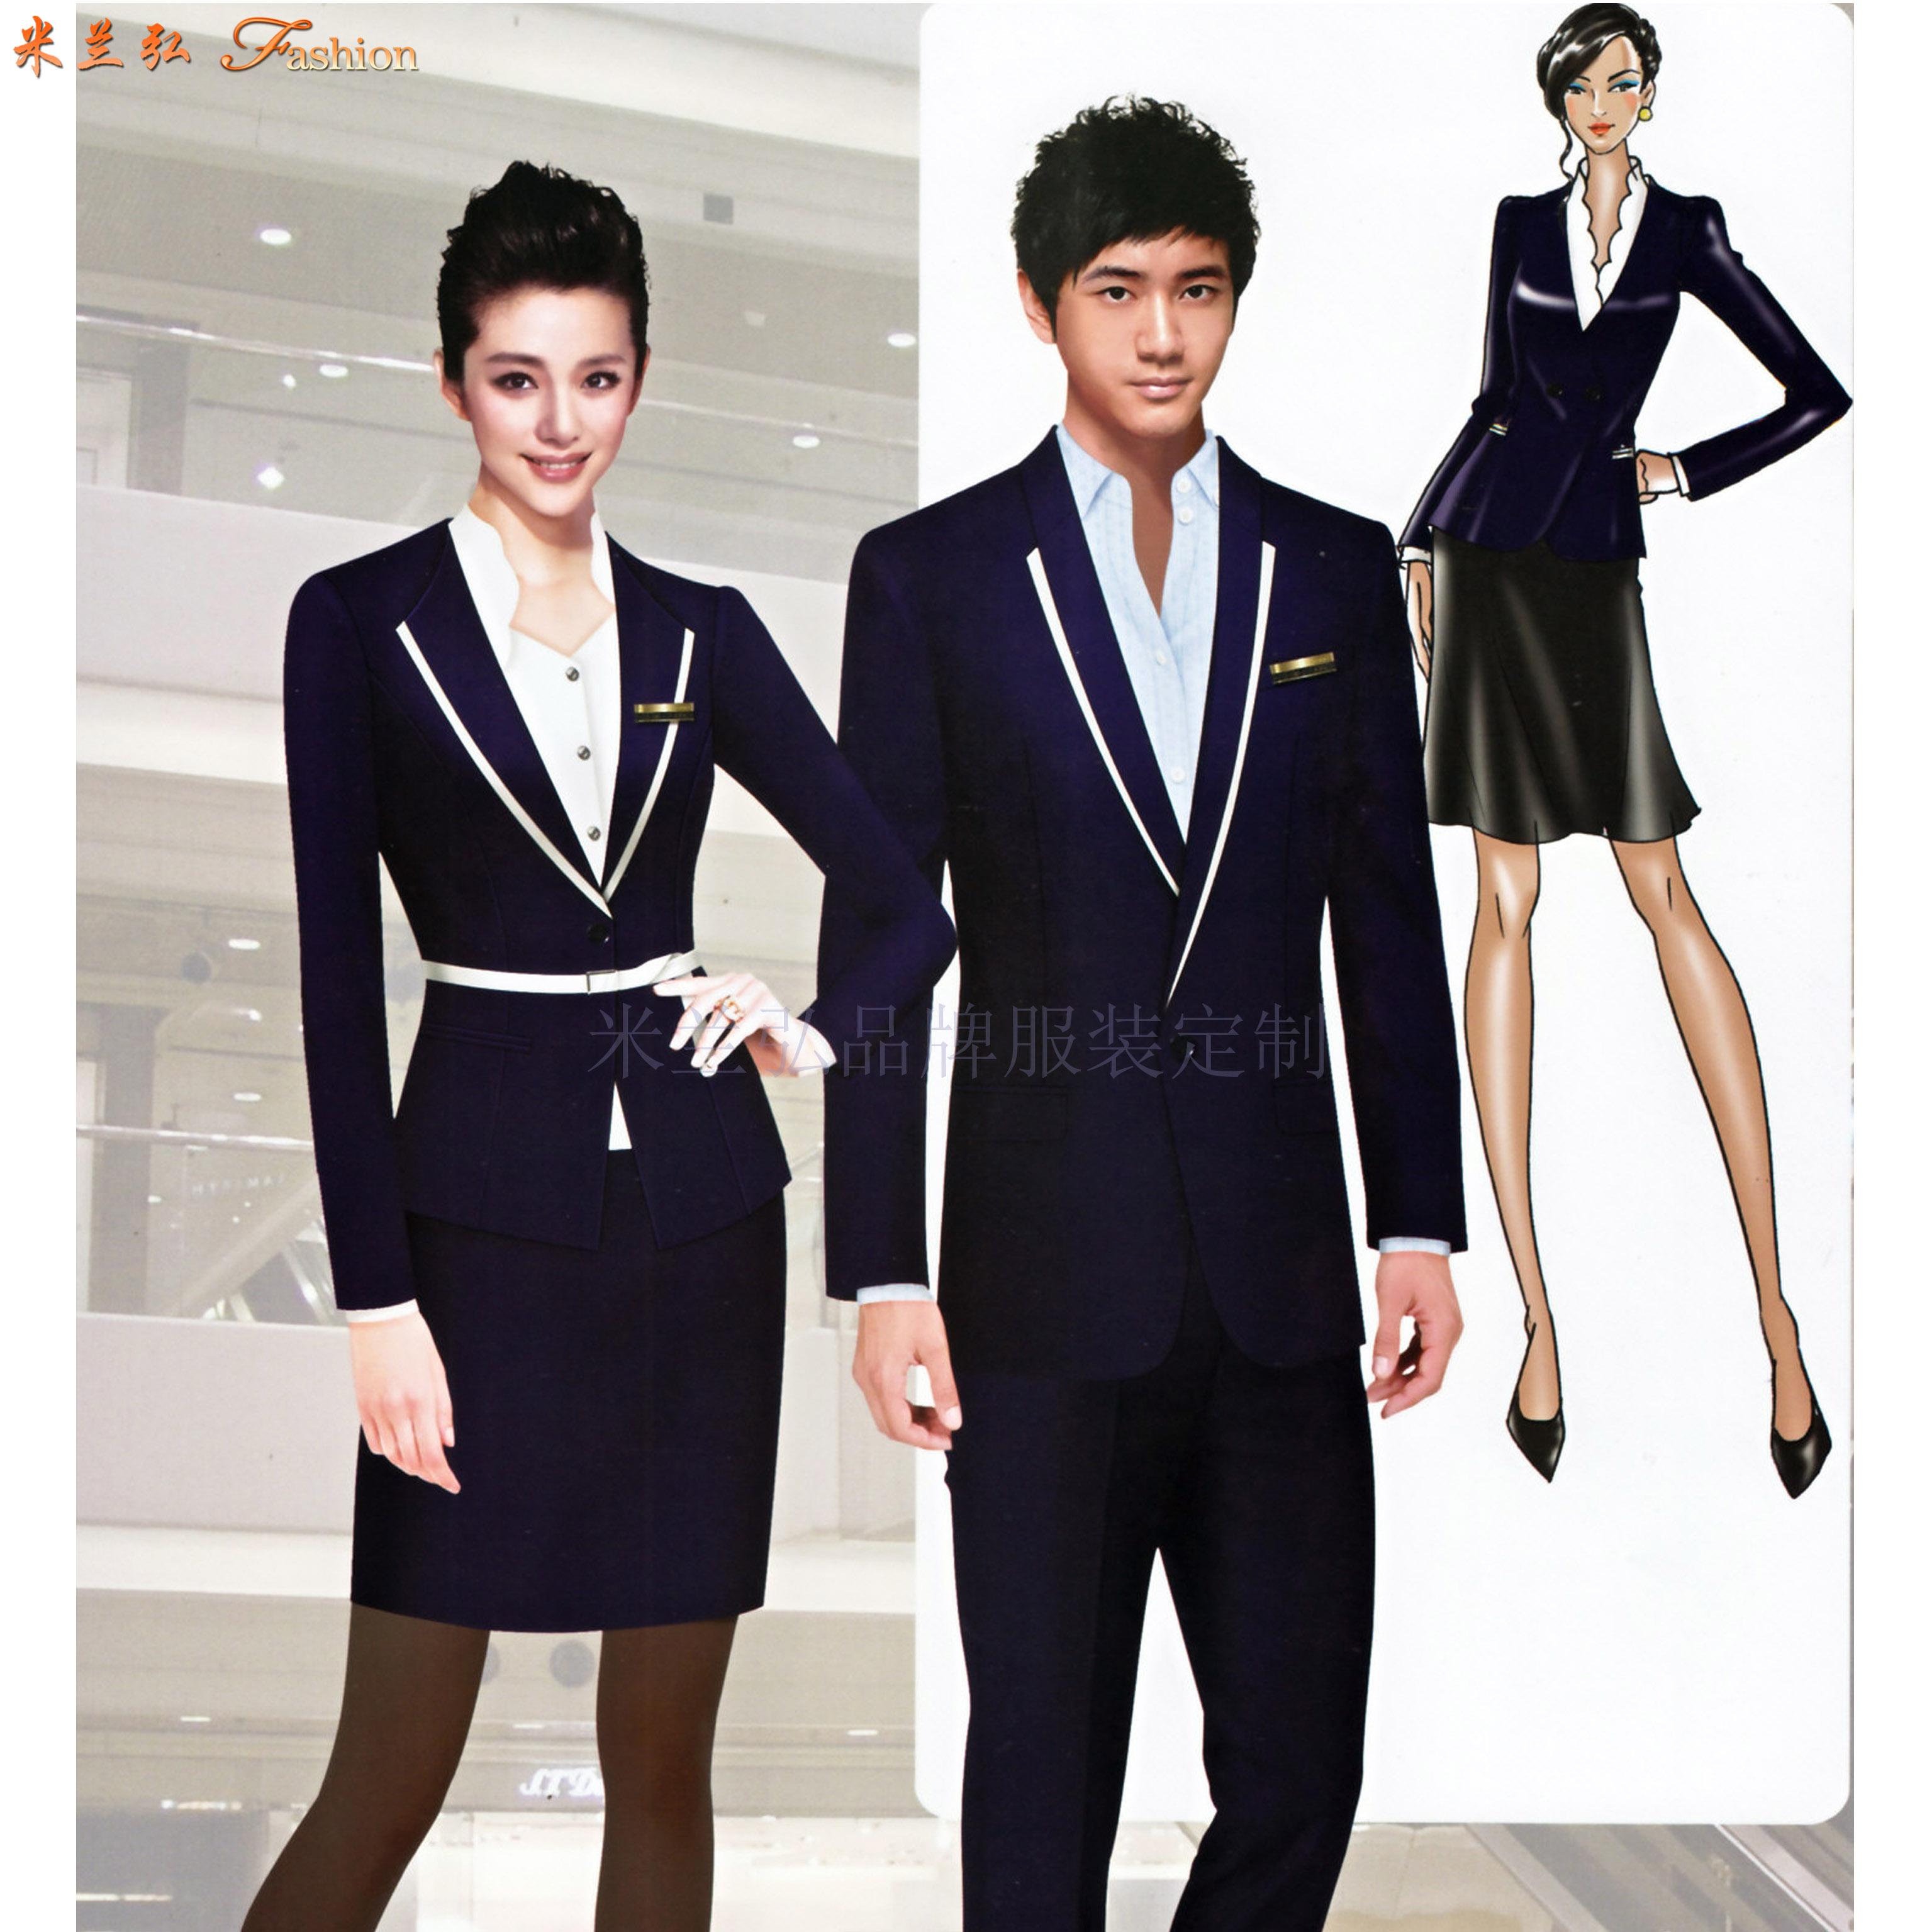 四川職業裝定做-職業正裝訂做廠家-米蘭弘服裝-2